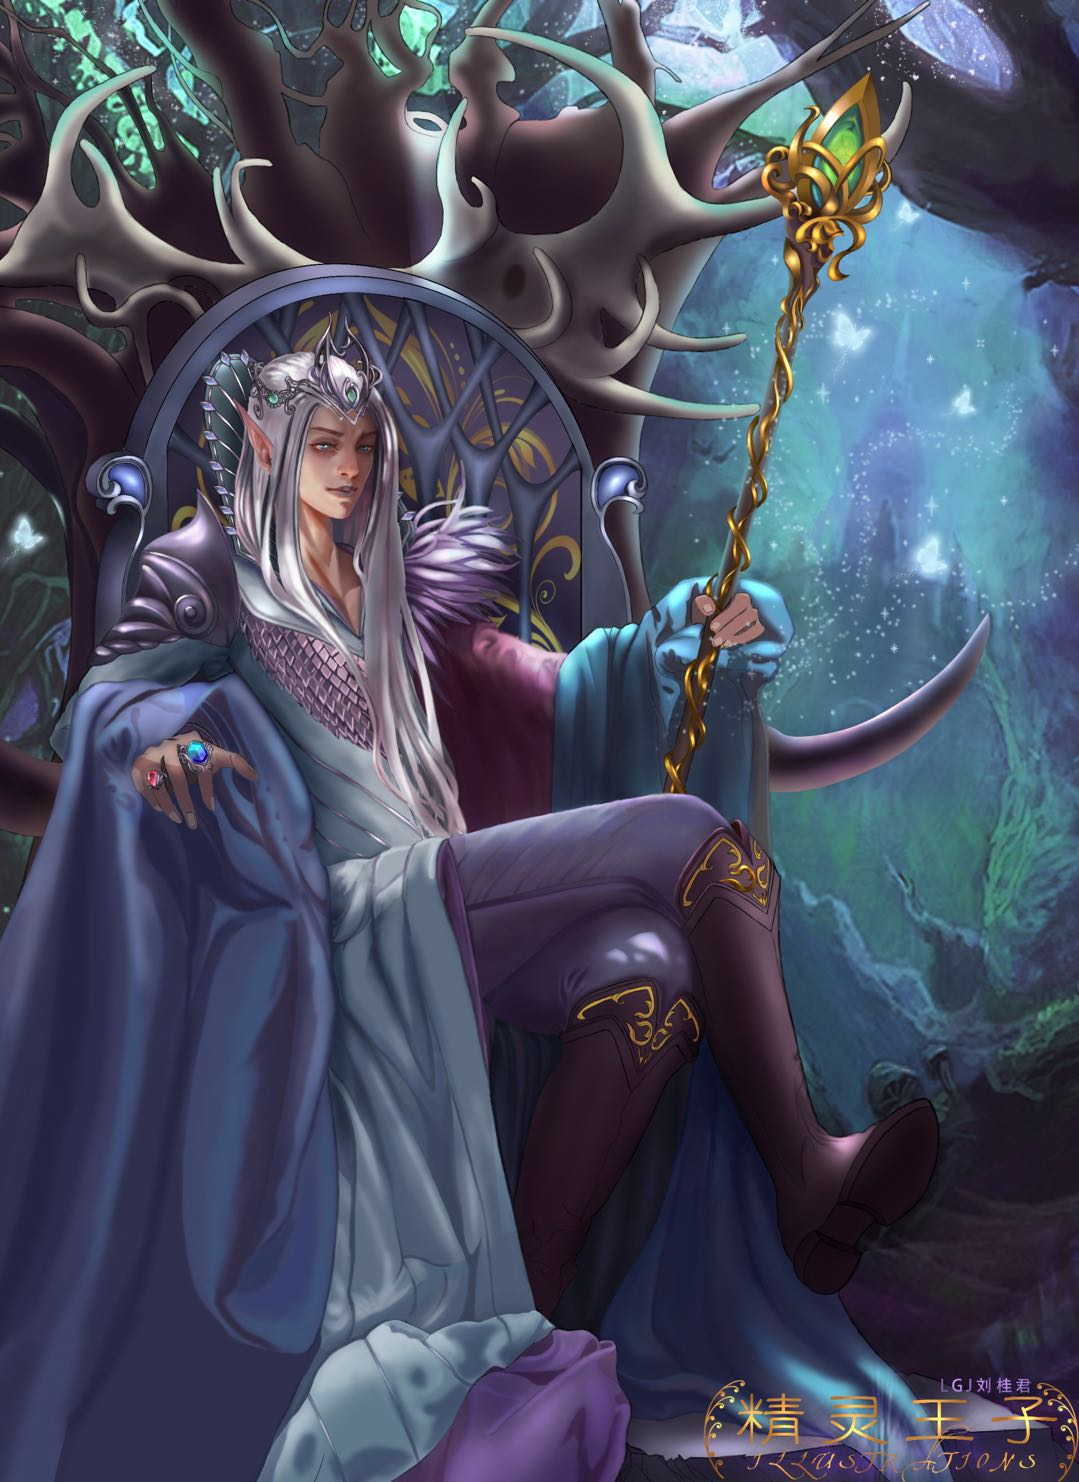 原创原画之精灵王子